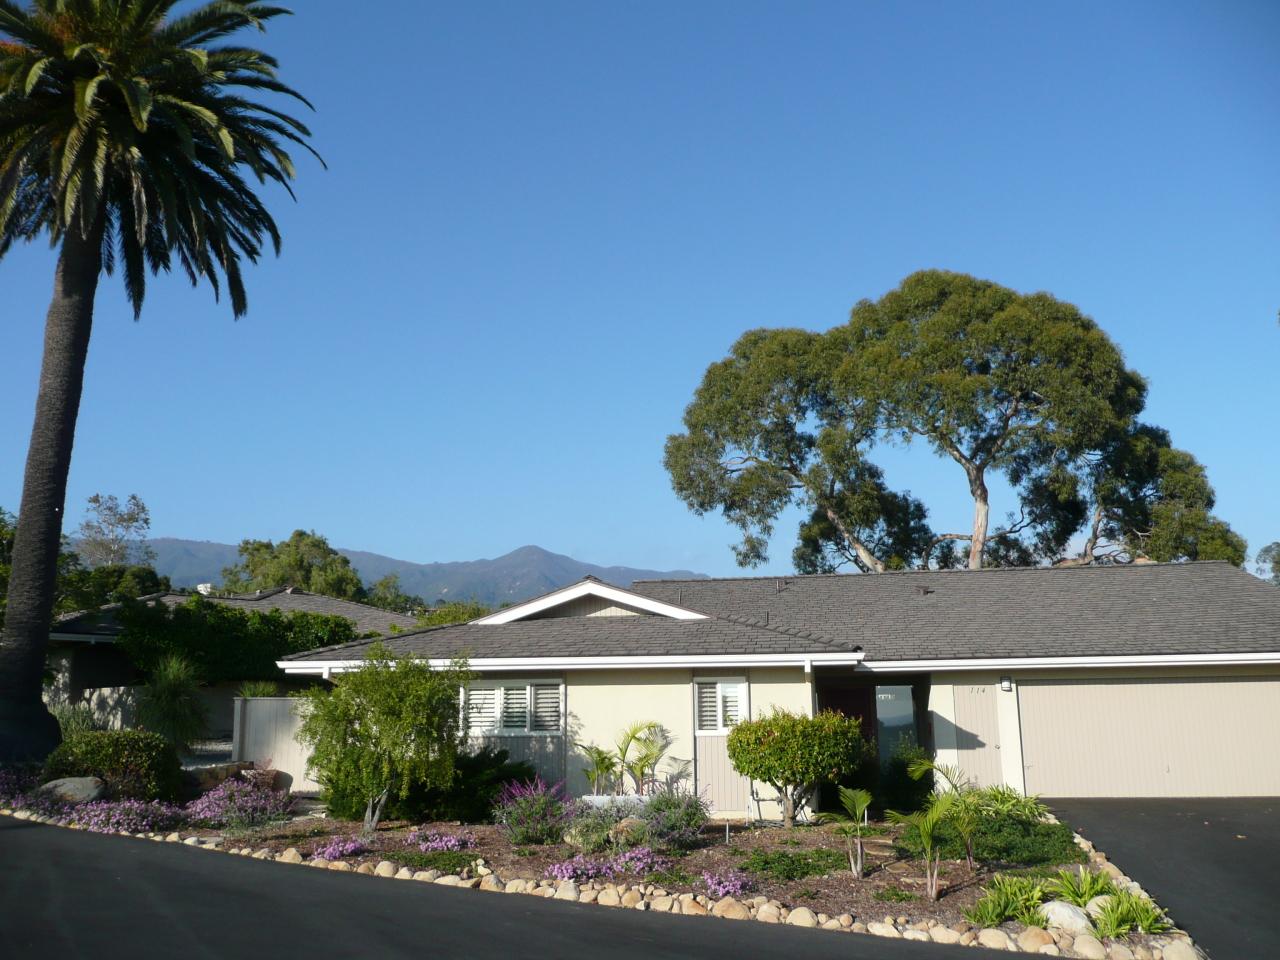 Property photo for 114 Eucalyptus Hill CIR Santa Barbara, California 93103 - 11-2915